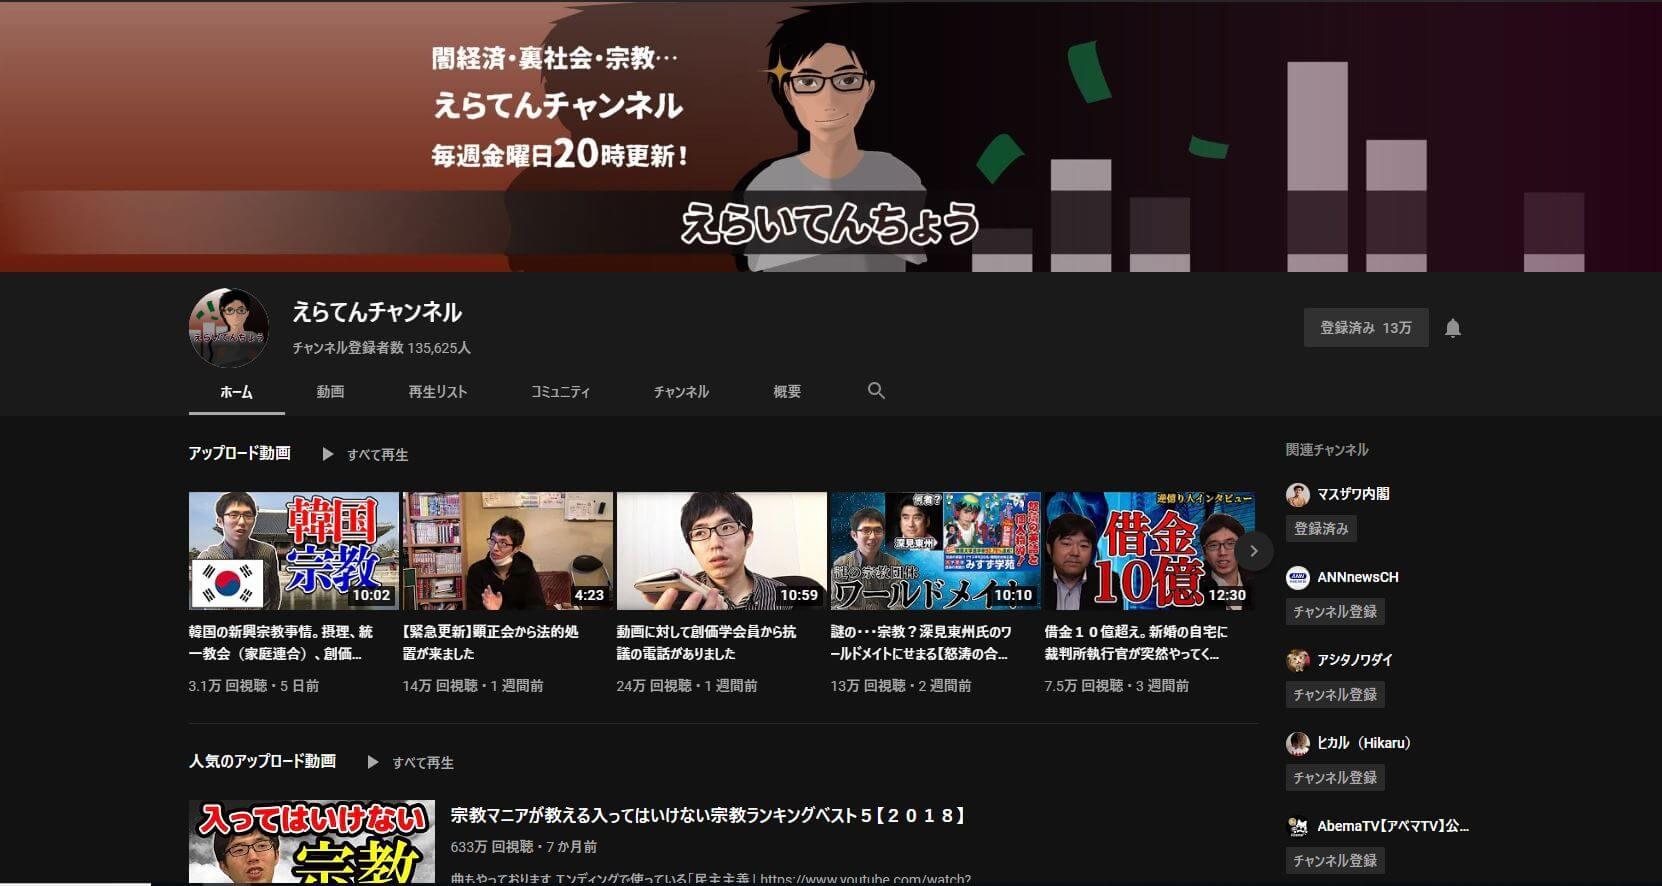 YouTuberのえらてんチャンネル